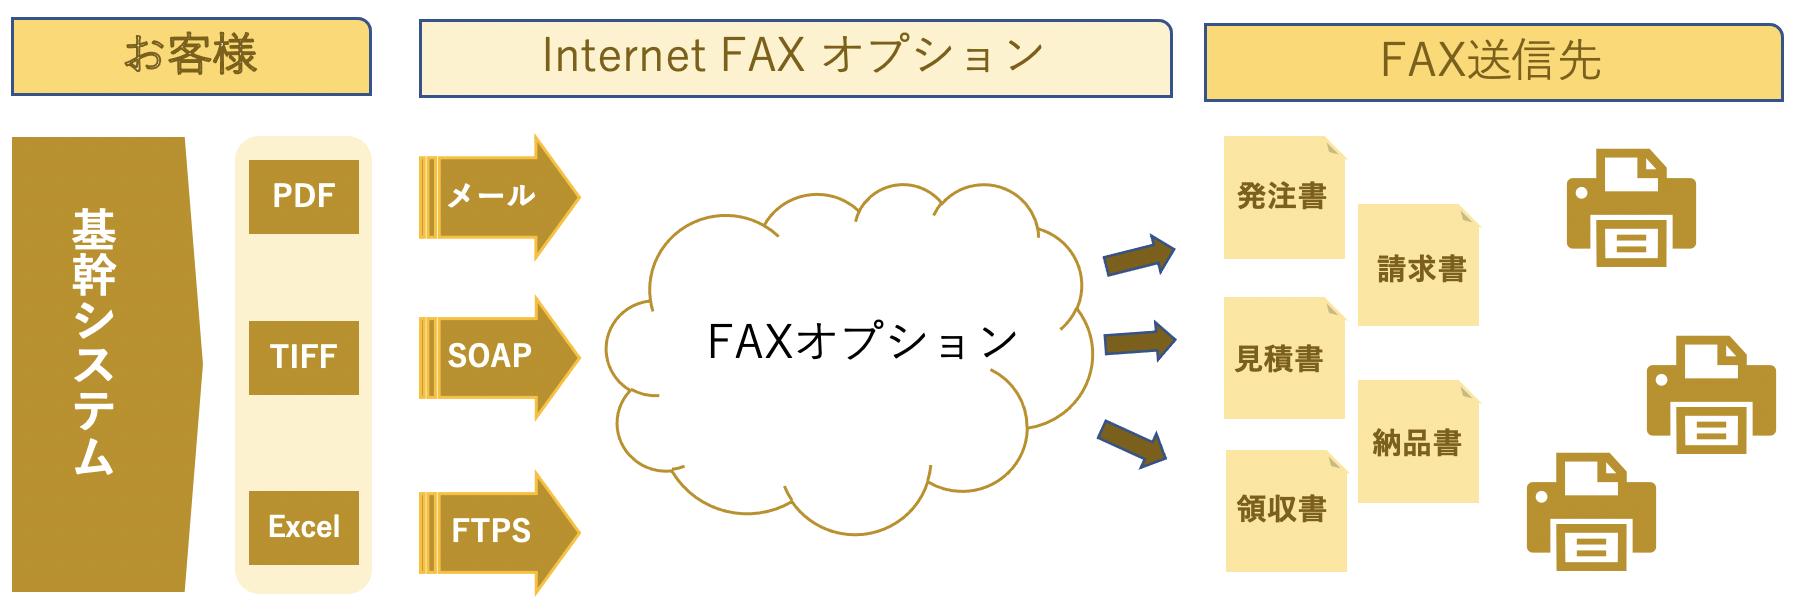 送信サービス